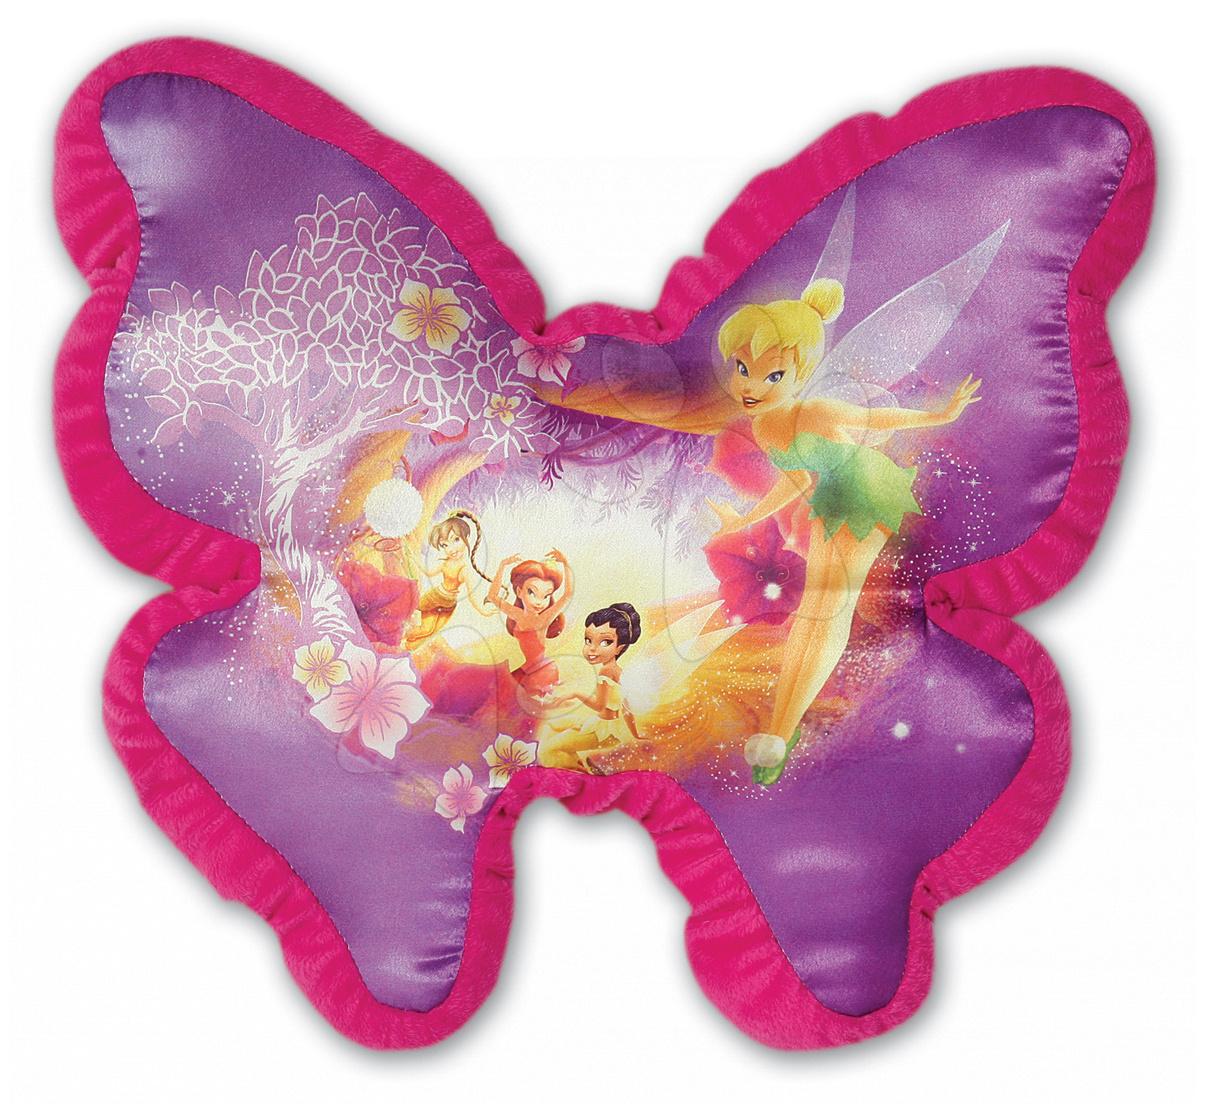 Staré položky - Polštář Fairies motýlek Ilanit pink 36 cm